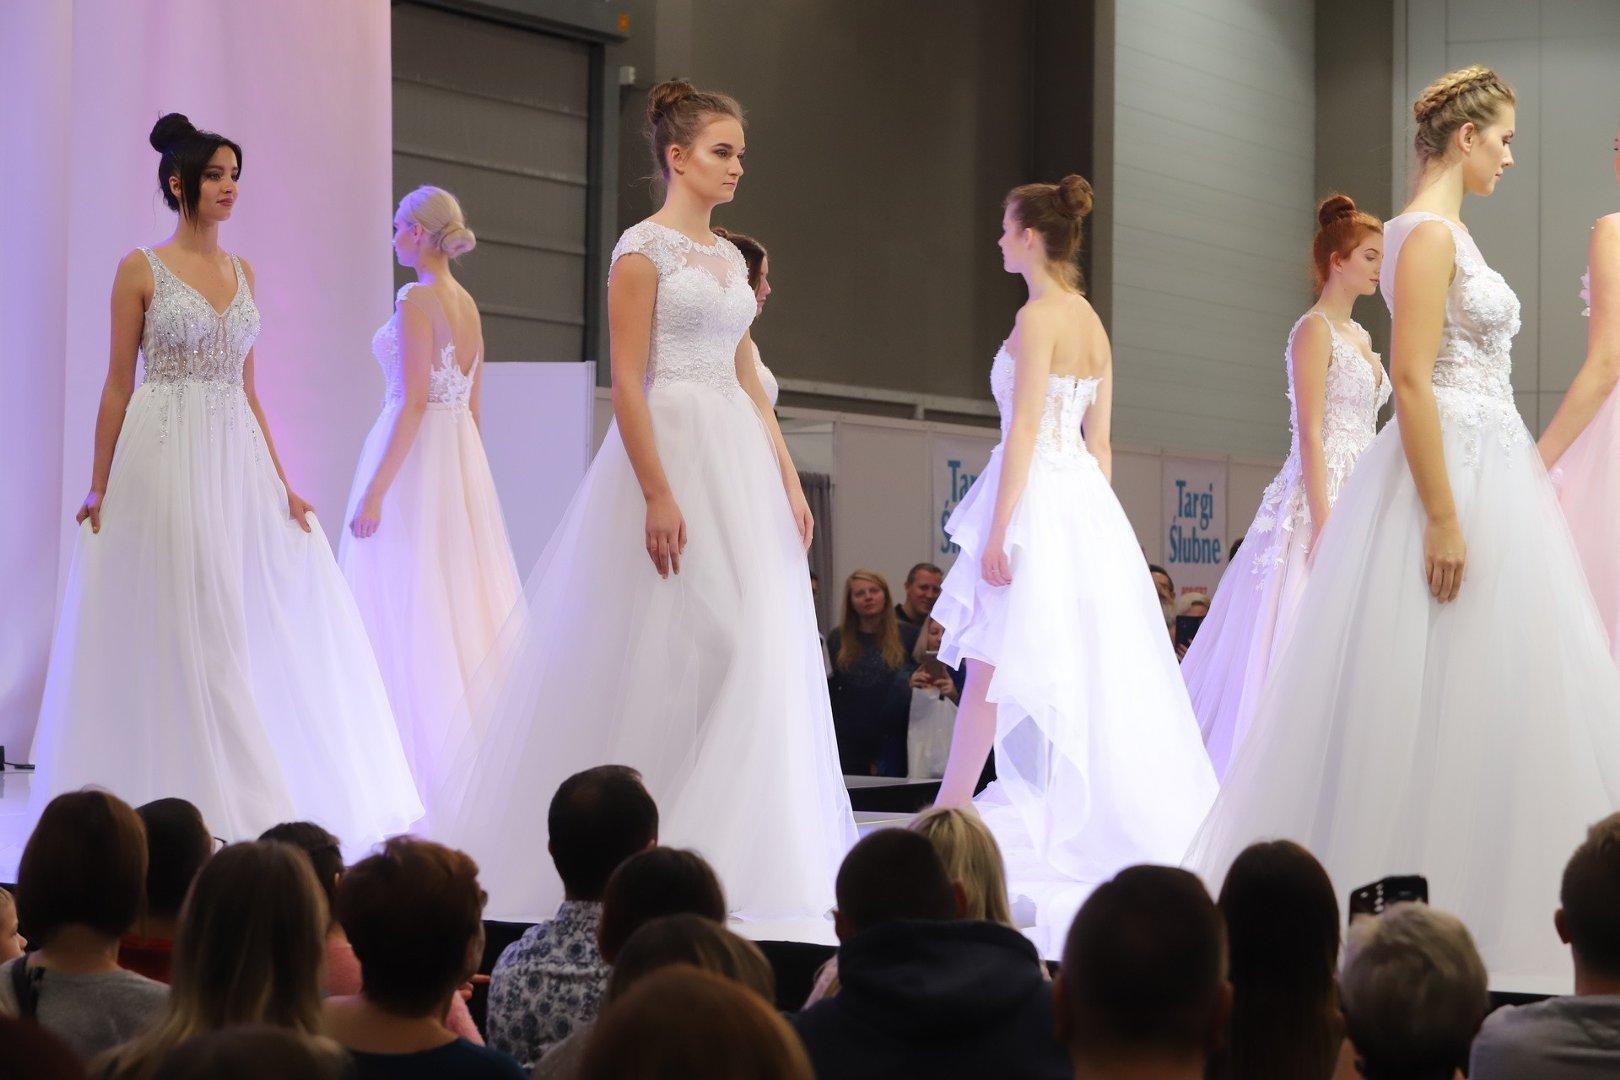 75d6ec7bfb Łódzkie Targi Ślubne. 10 lutego w hali Expo Łódź będzie można znaleźć  wszystko na ślub i wesele